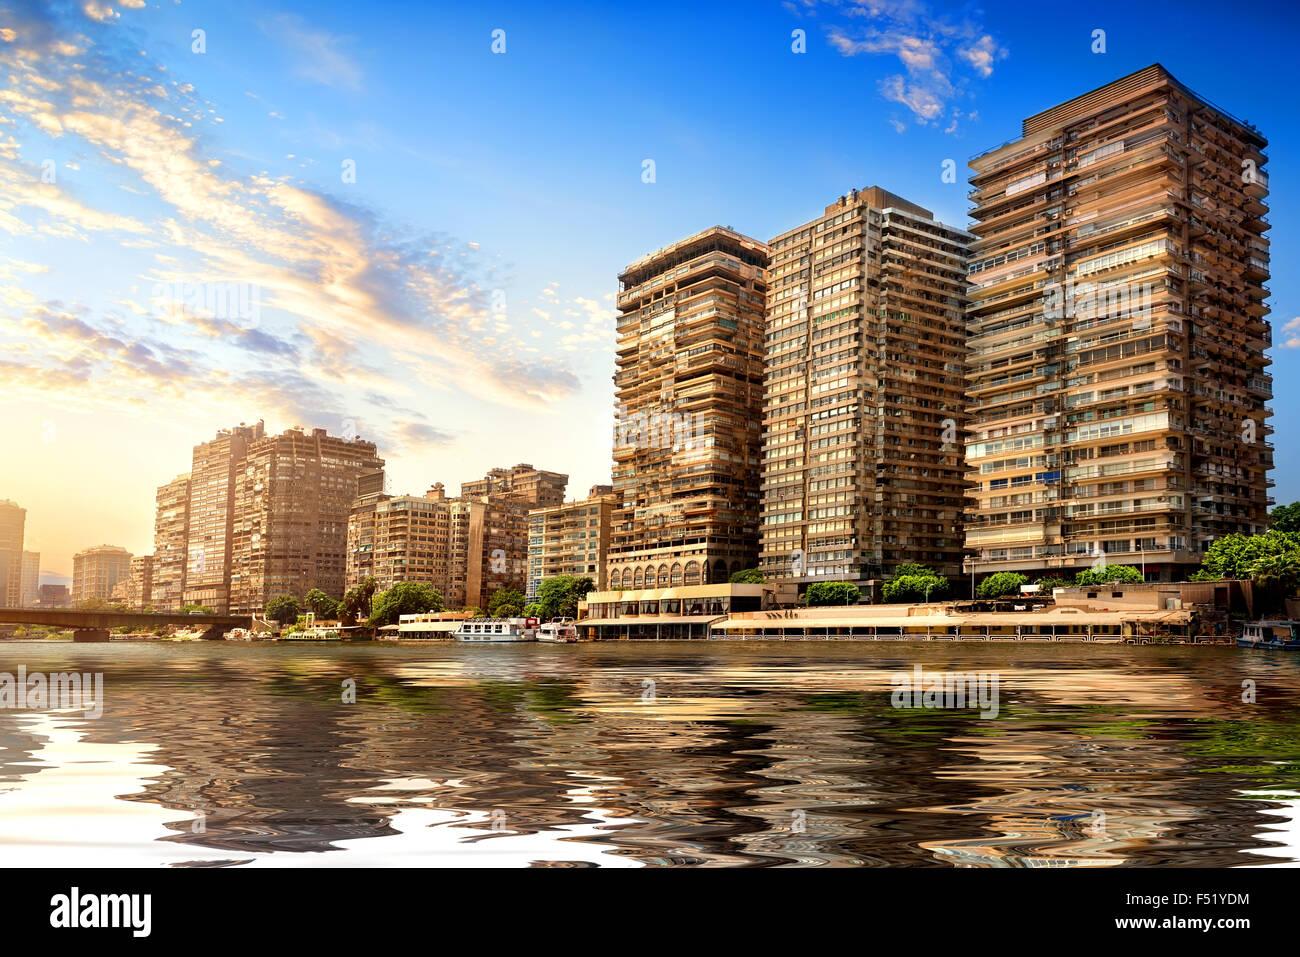 Los edificios de El Cairo, en la orilla del Nilo Imagen De Stock